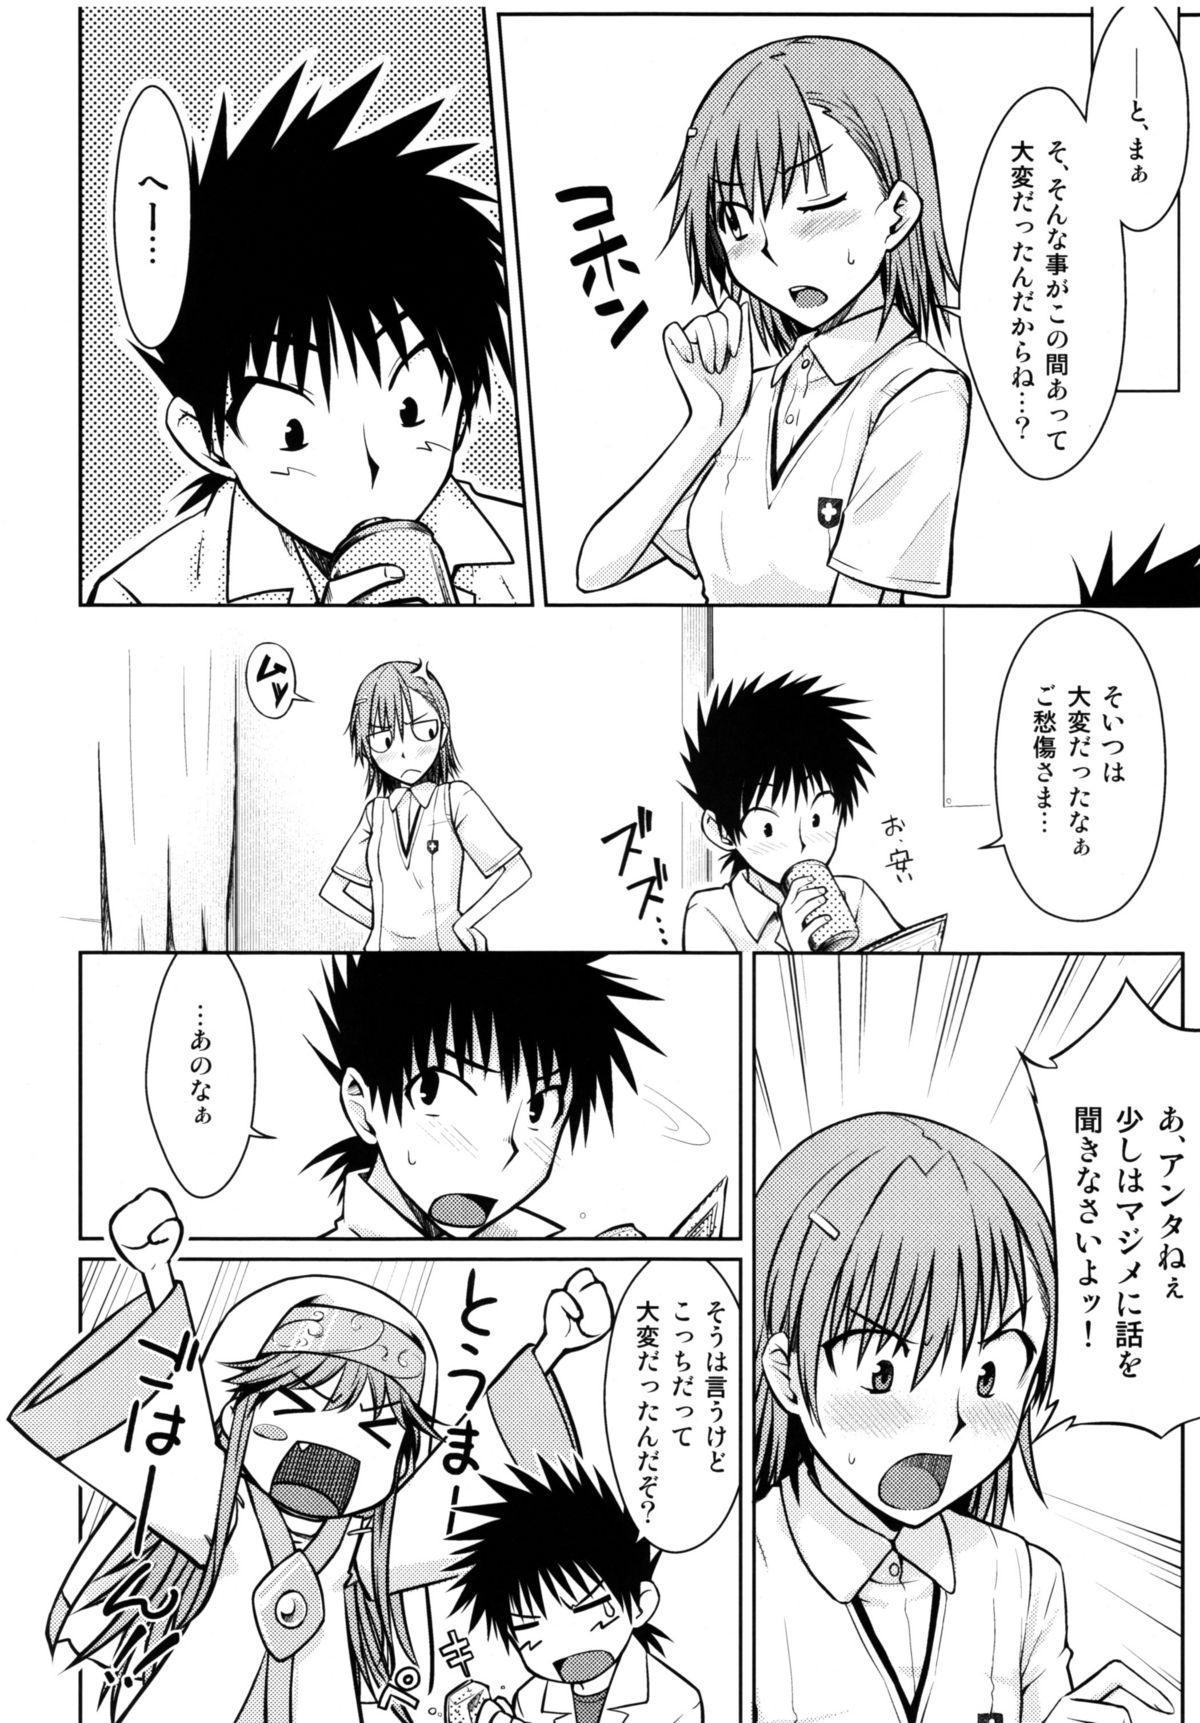 Toaru Himitsu no Onee-sama 8